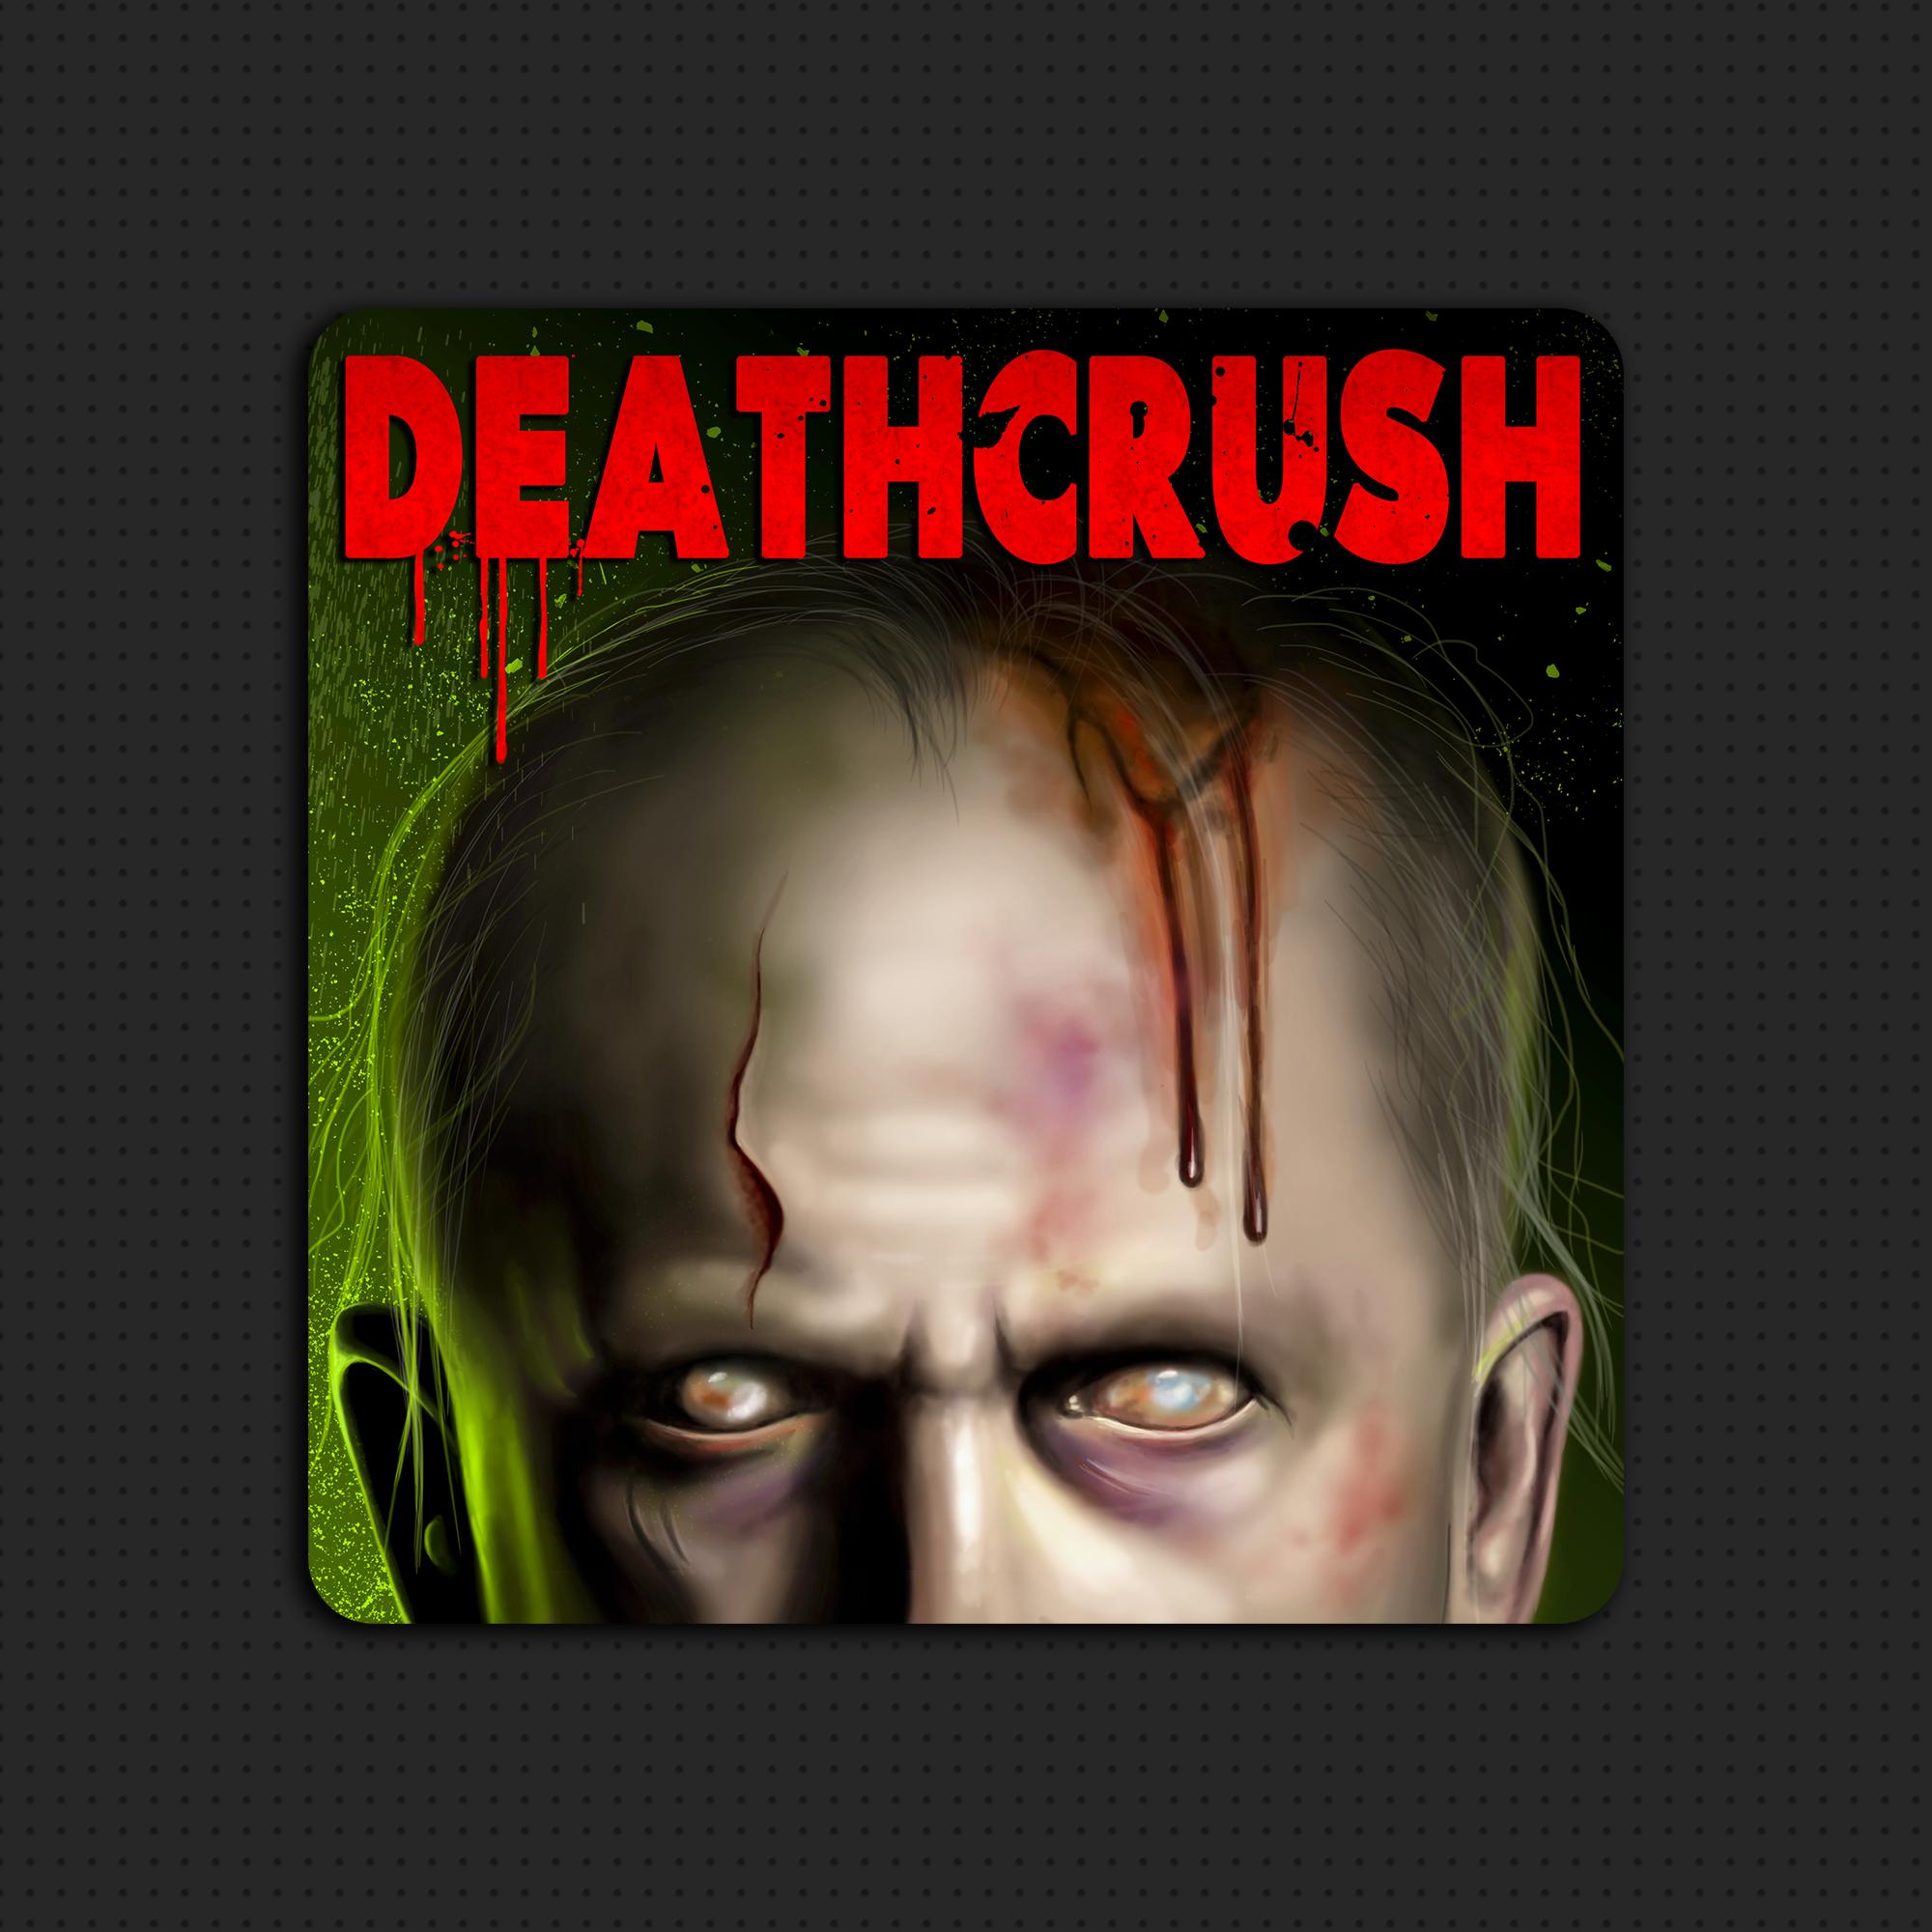 Deathcrush Zombie